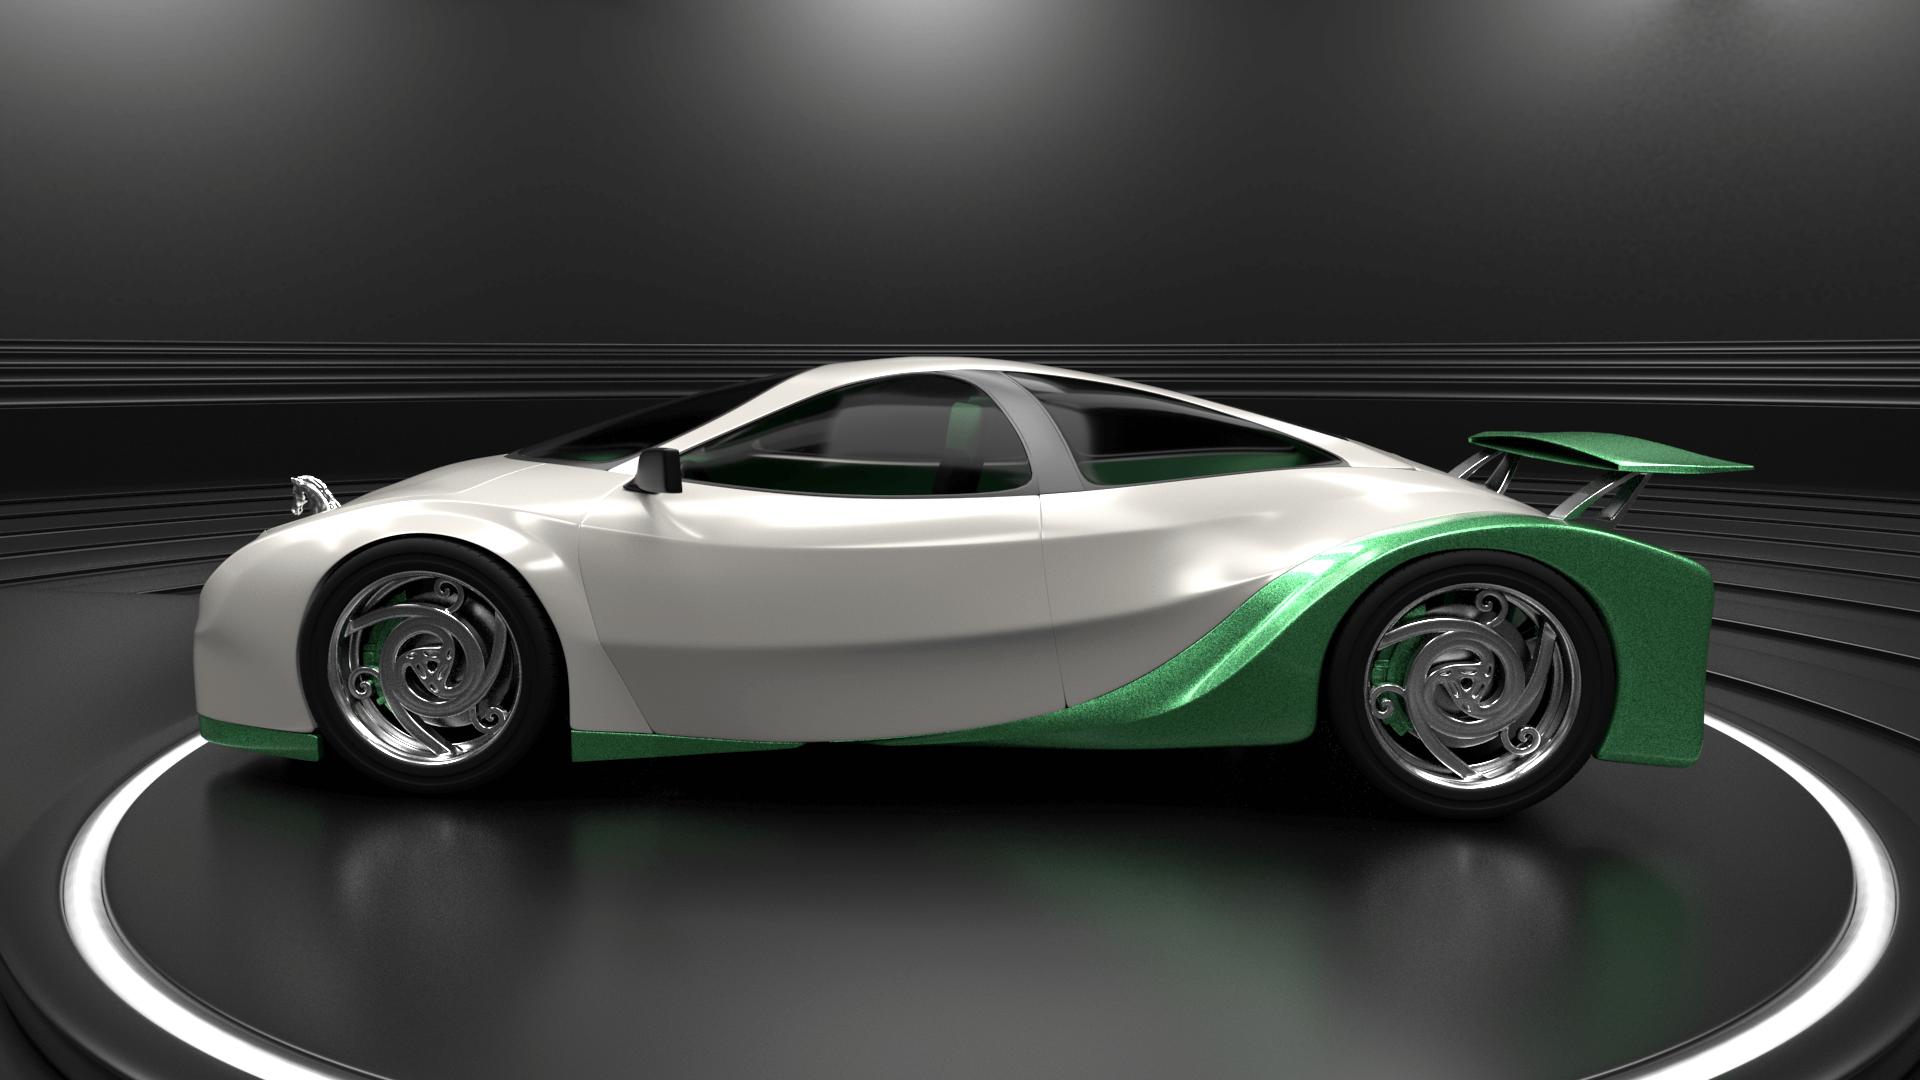 Shrek's Onion Carriage as a supercar 2